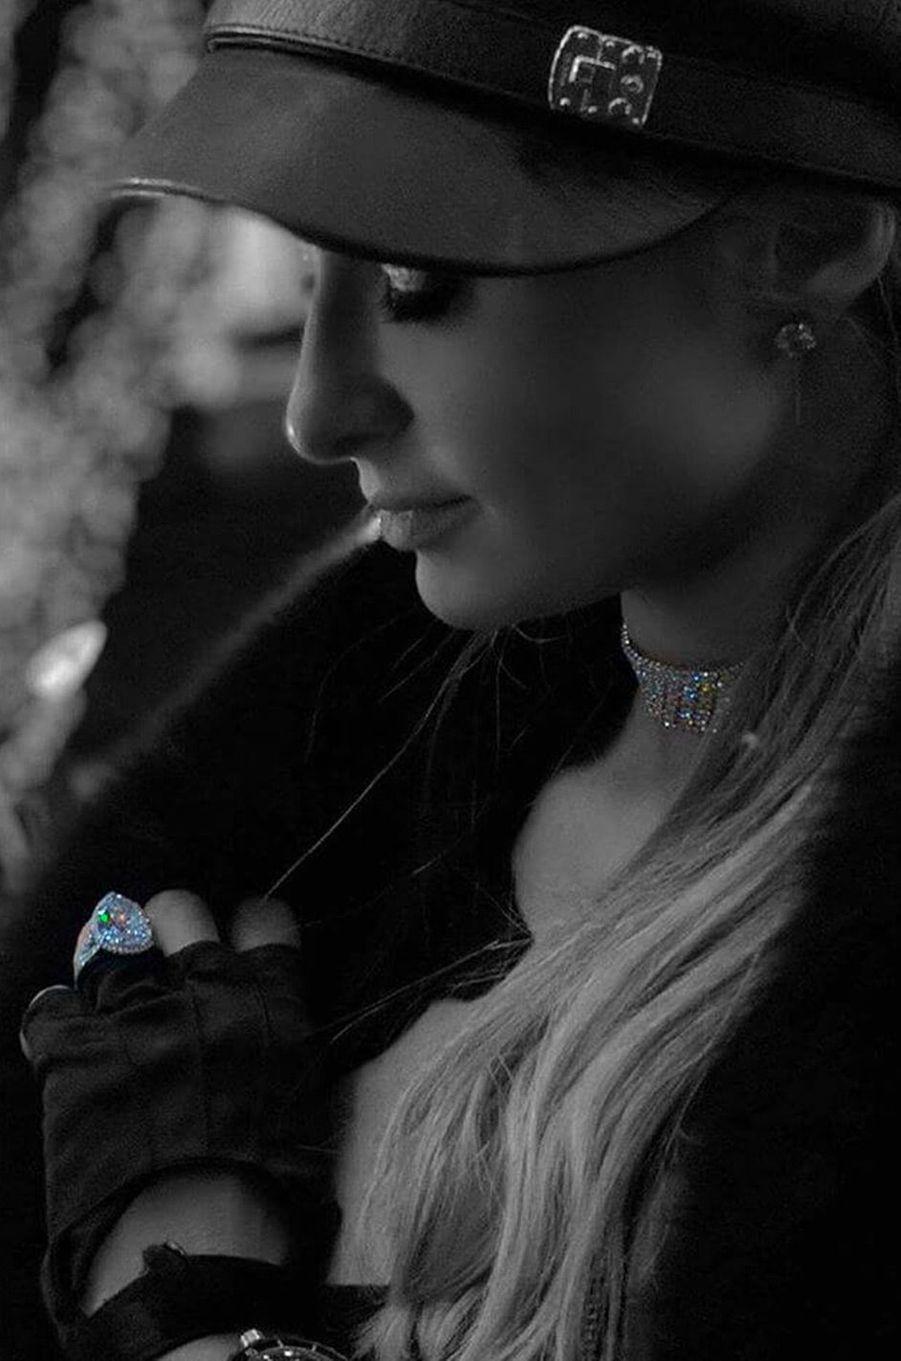 Paris Hilton affiche fièrement sa bague de fiançailles